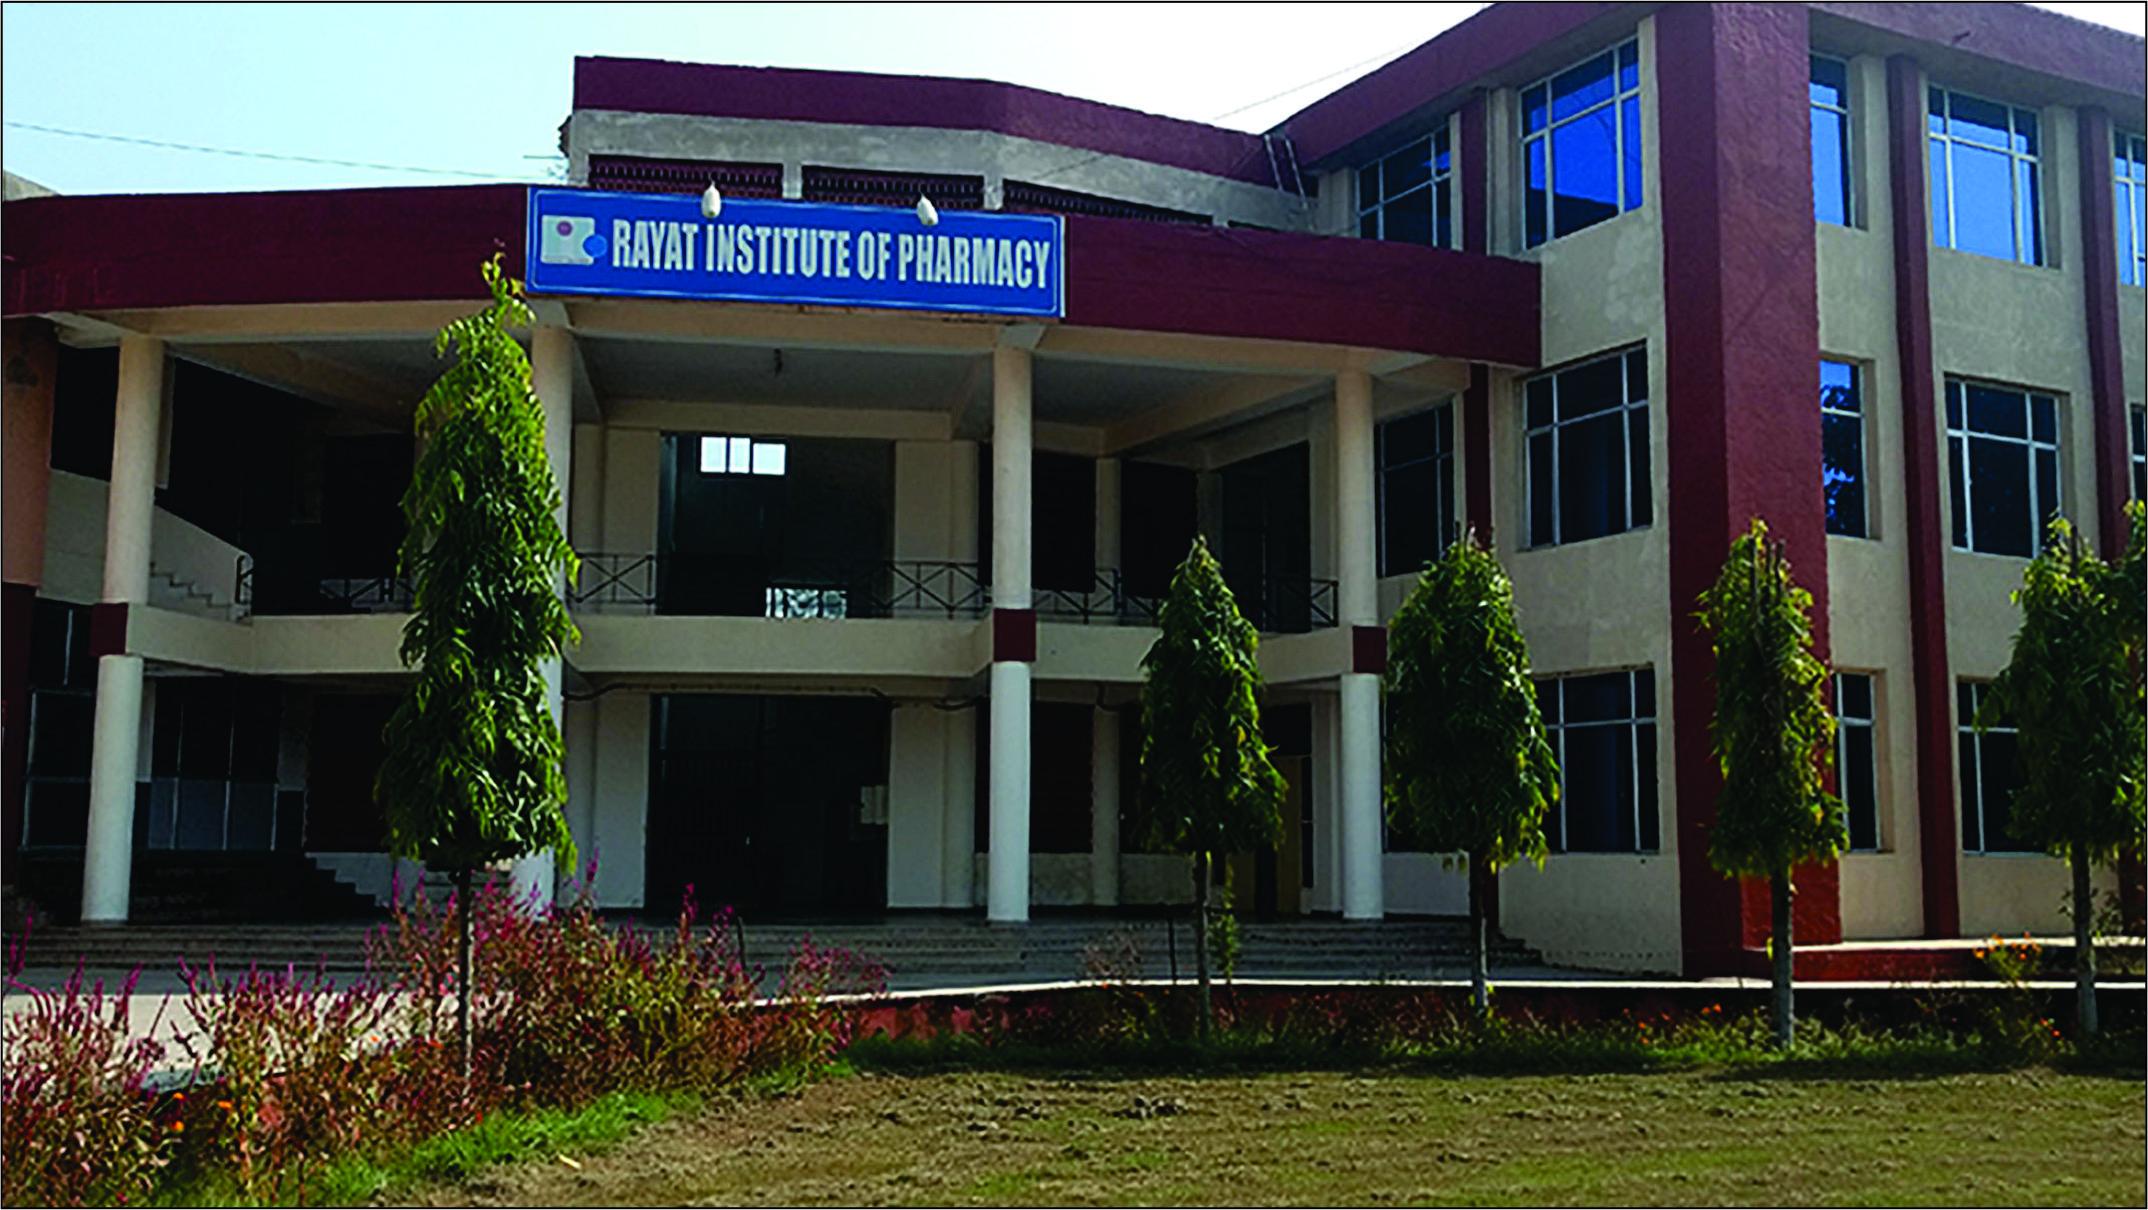 Rayat Institute of Pharmacy